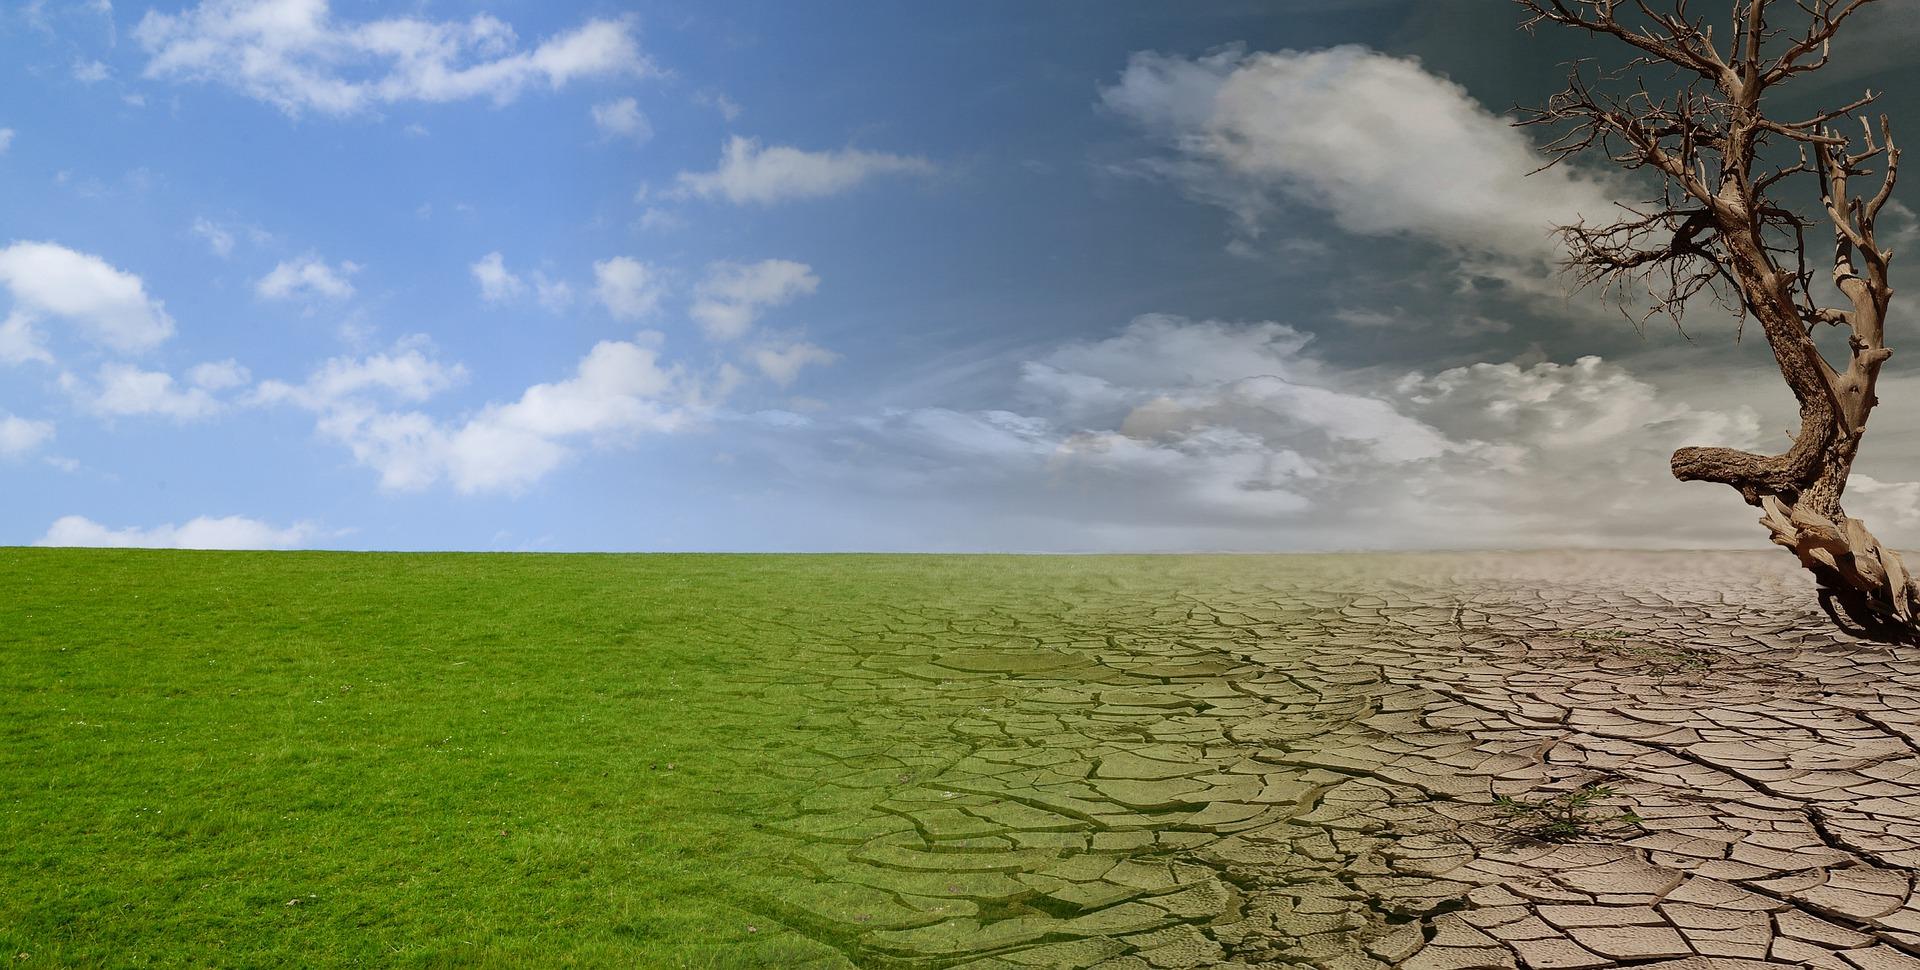 Klimaatbestendigheid van woning houdt nog niet veel mensen bezig